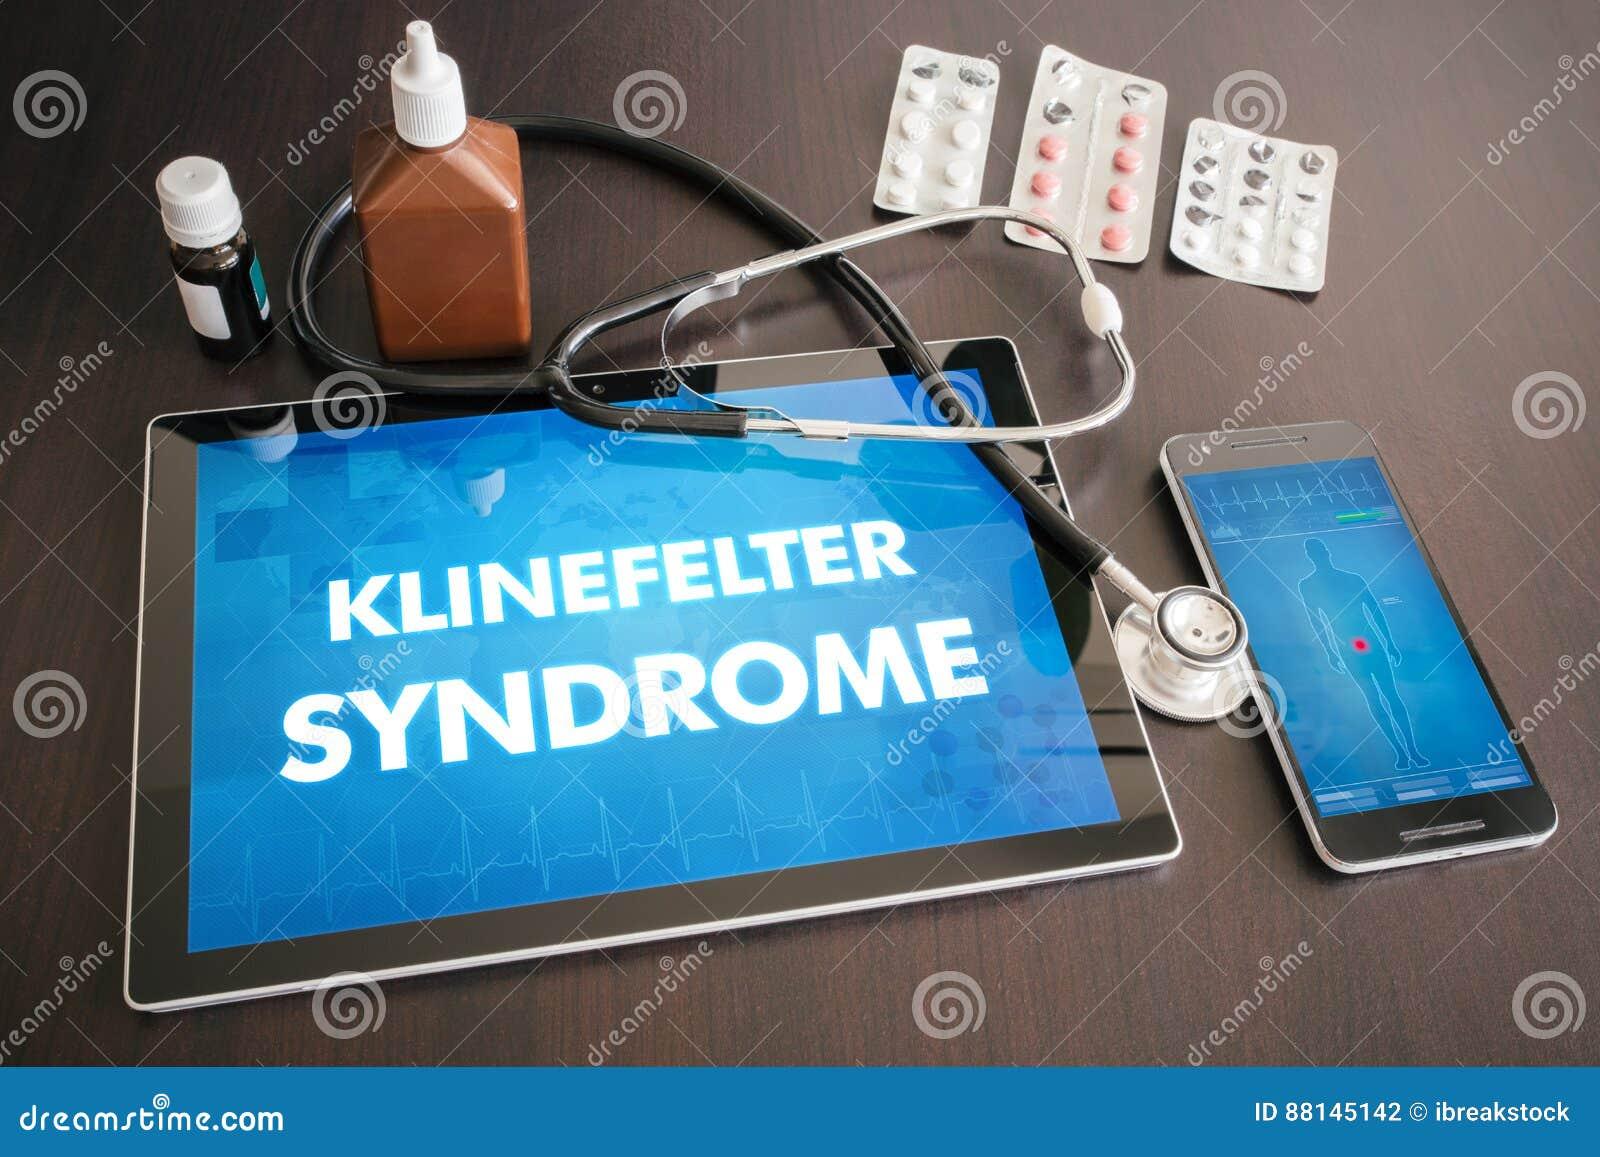 Ιατρικό conce διαγνώσεων συνδρόμου Klinefelter (ενδοκρινής ασθένεια)